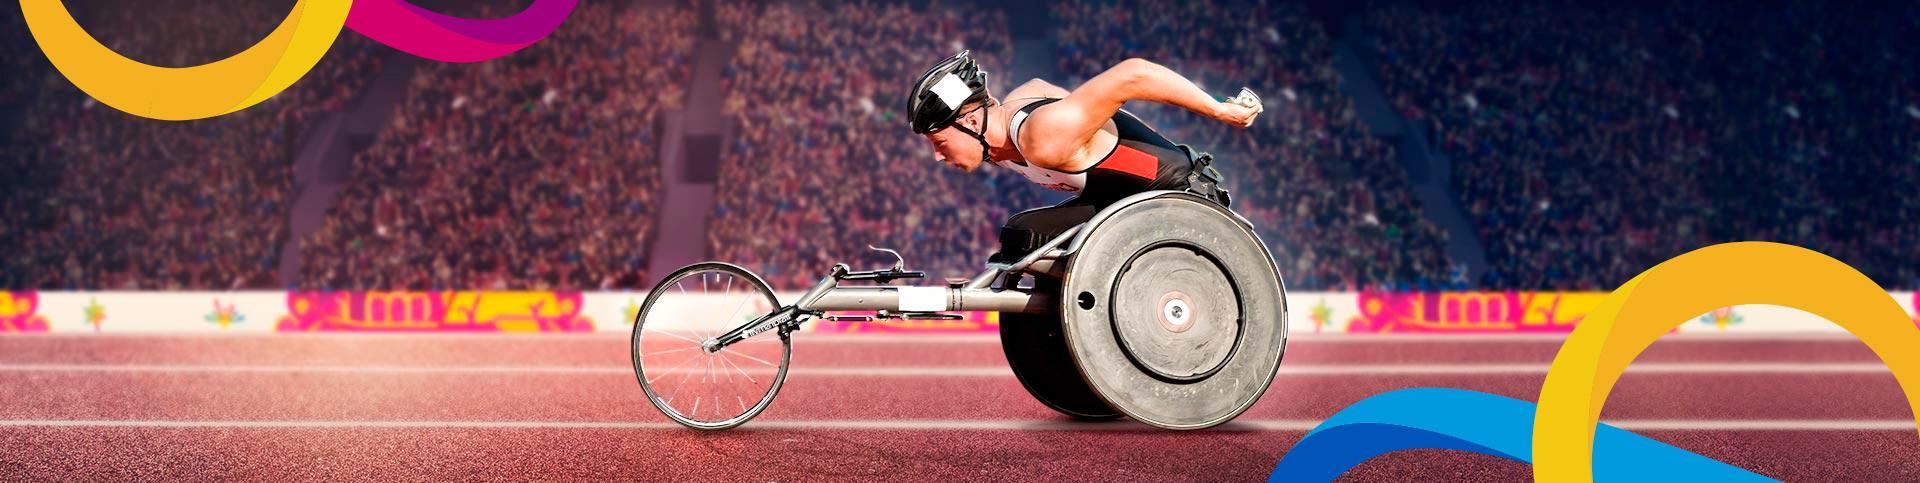 Definicion clasificacion deportes y de pista